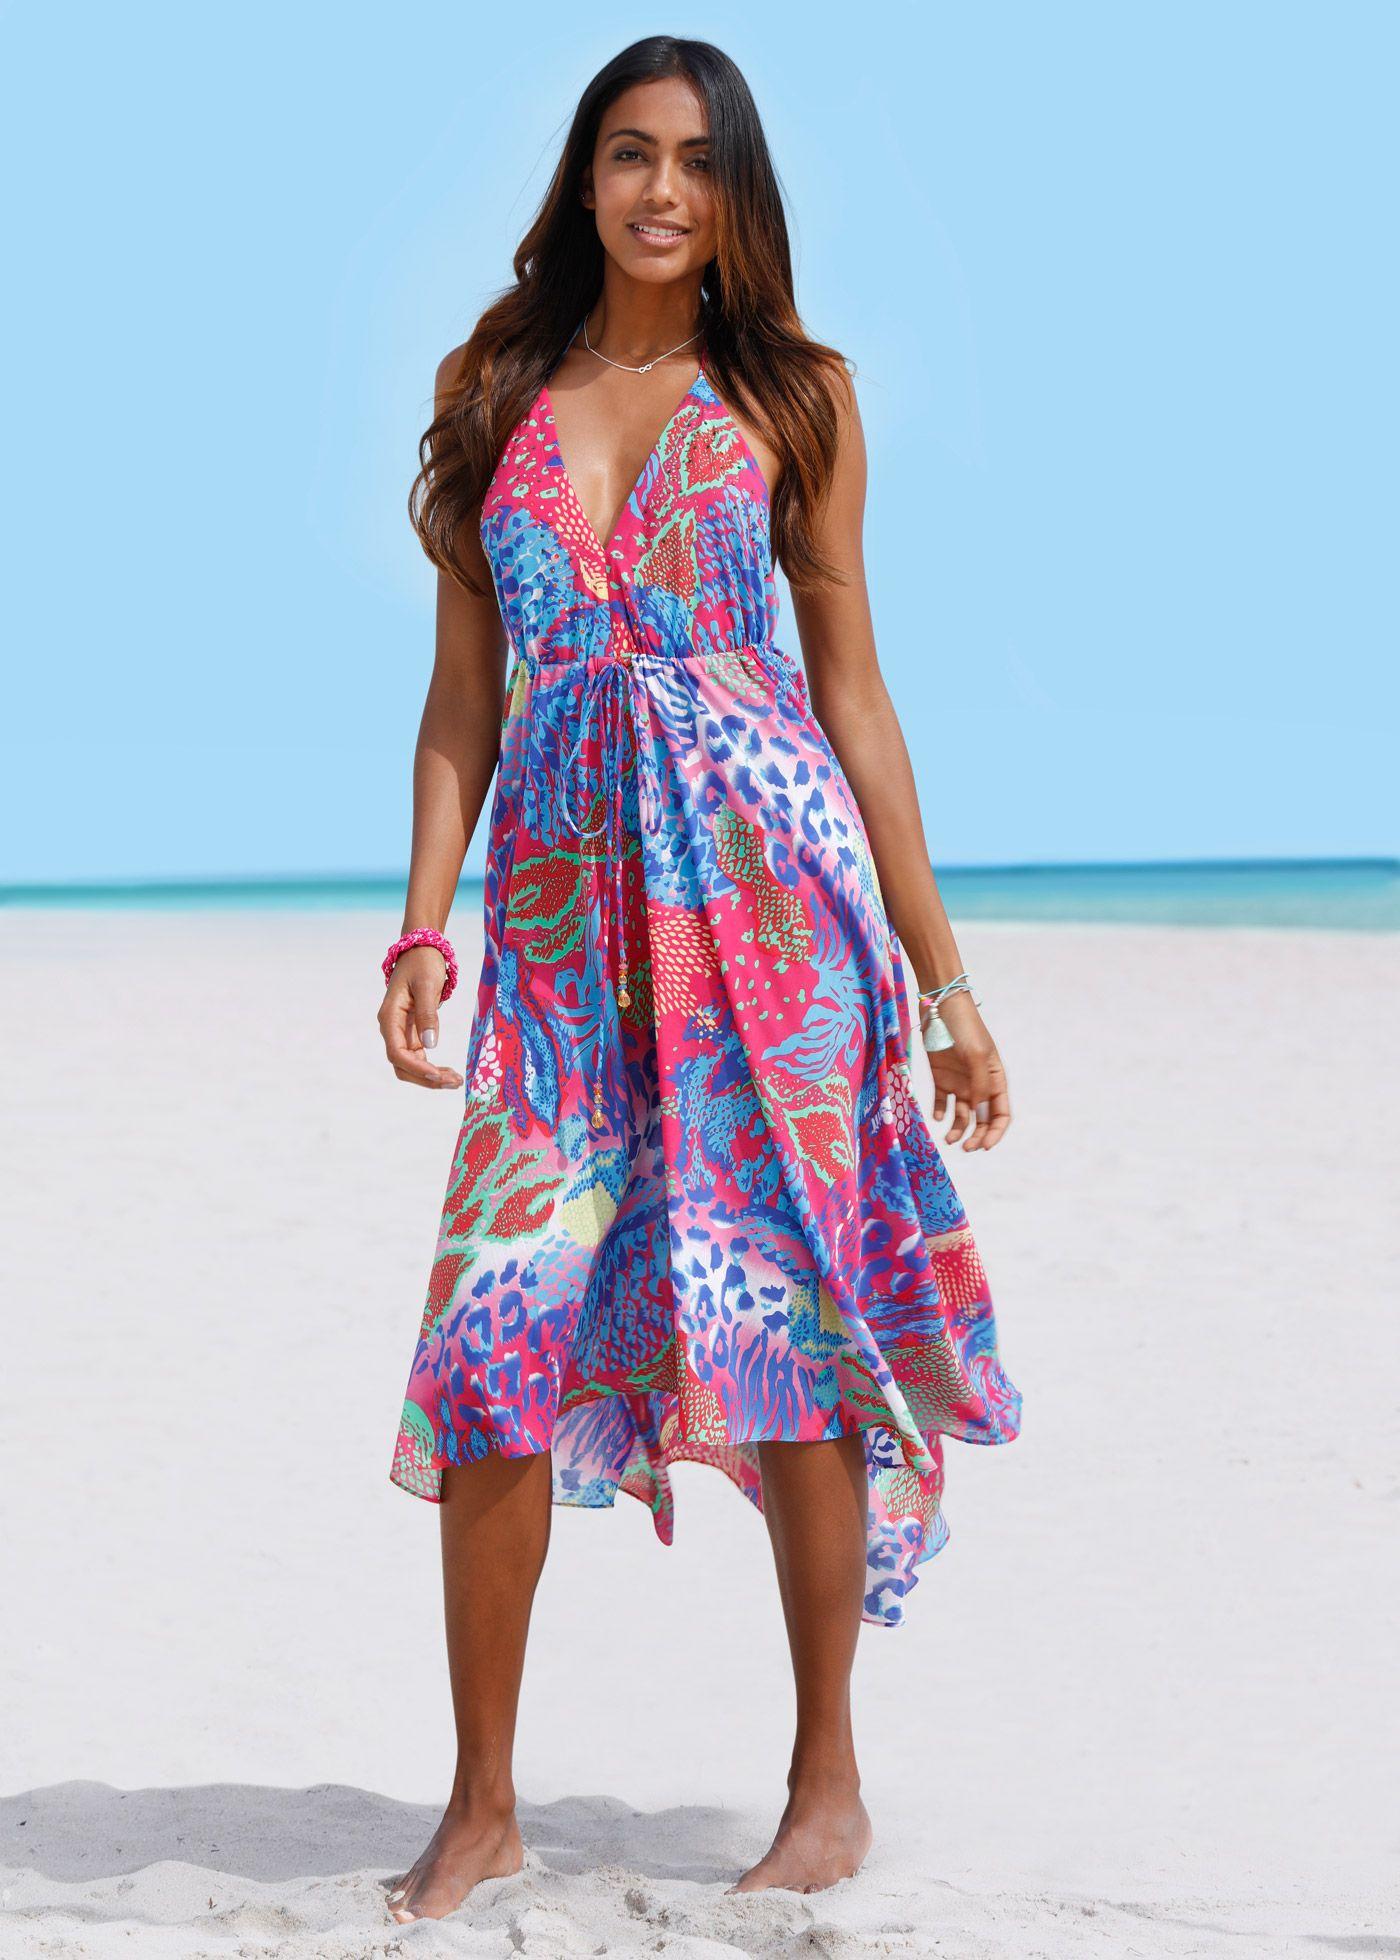 Strandkleid Pink Blau Bedruckt Bpc Selection Jetzt Im Online Shop Von Bonprix De Ab 39 99 Bestellen Sommerkleider Vintage Strandkleid Sommer Strandkleider